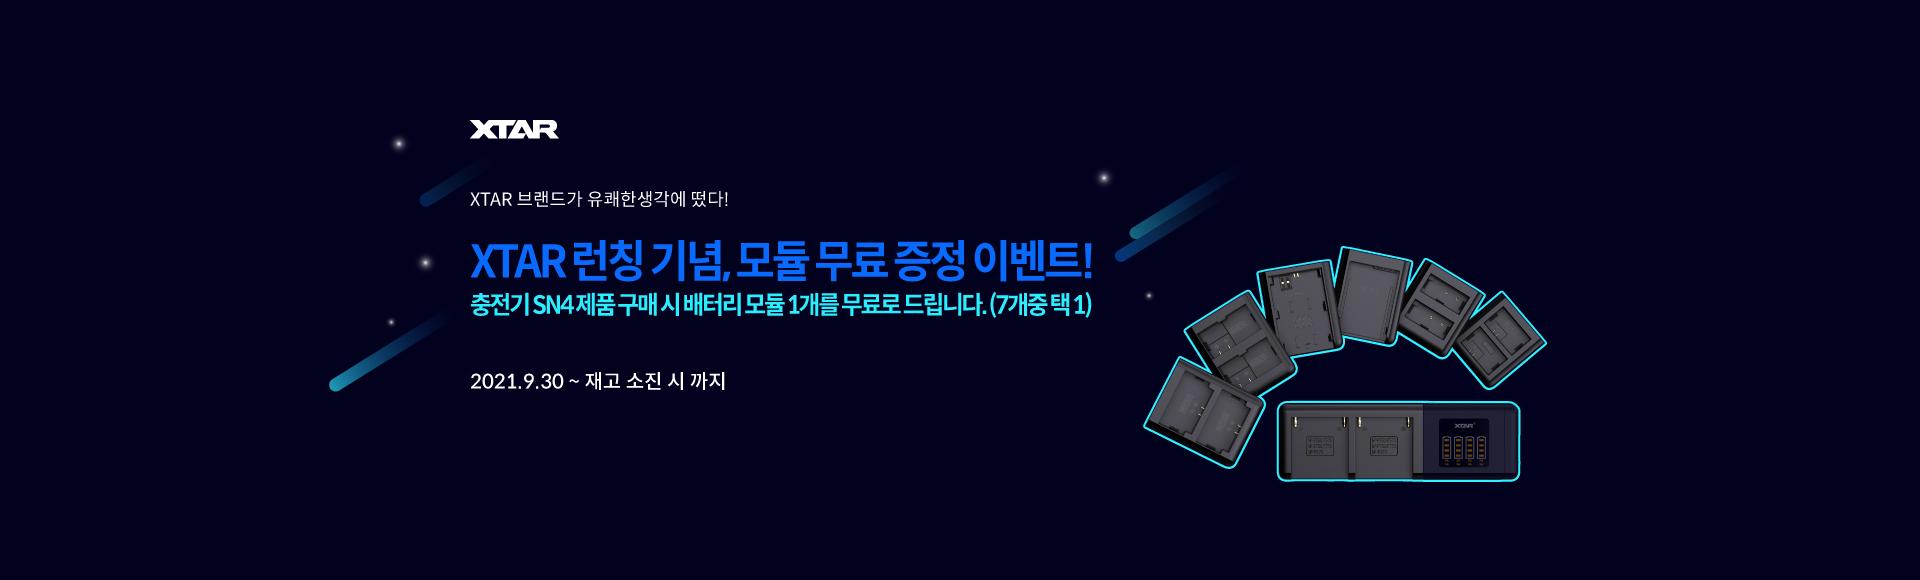 XTAR 런칭 이벤트